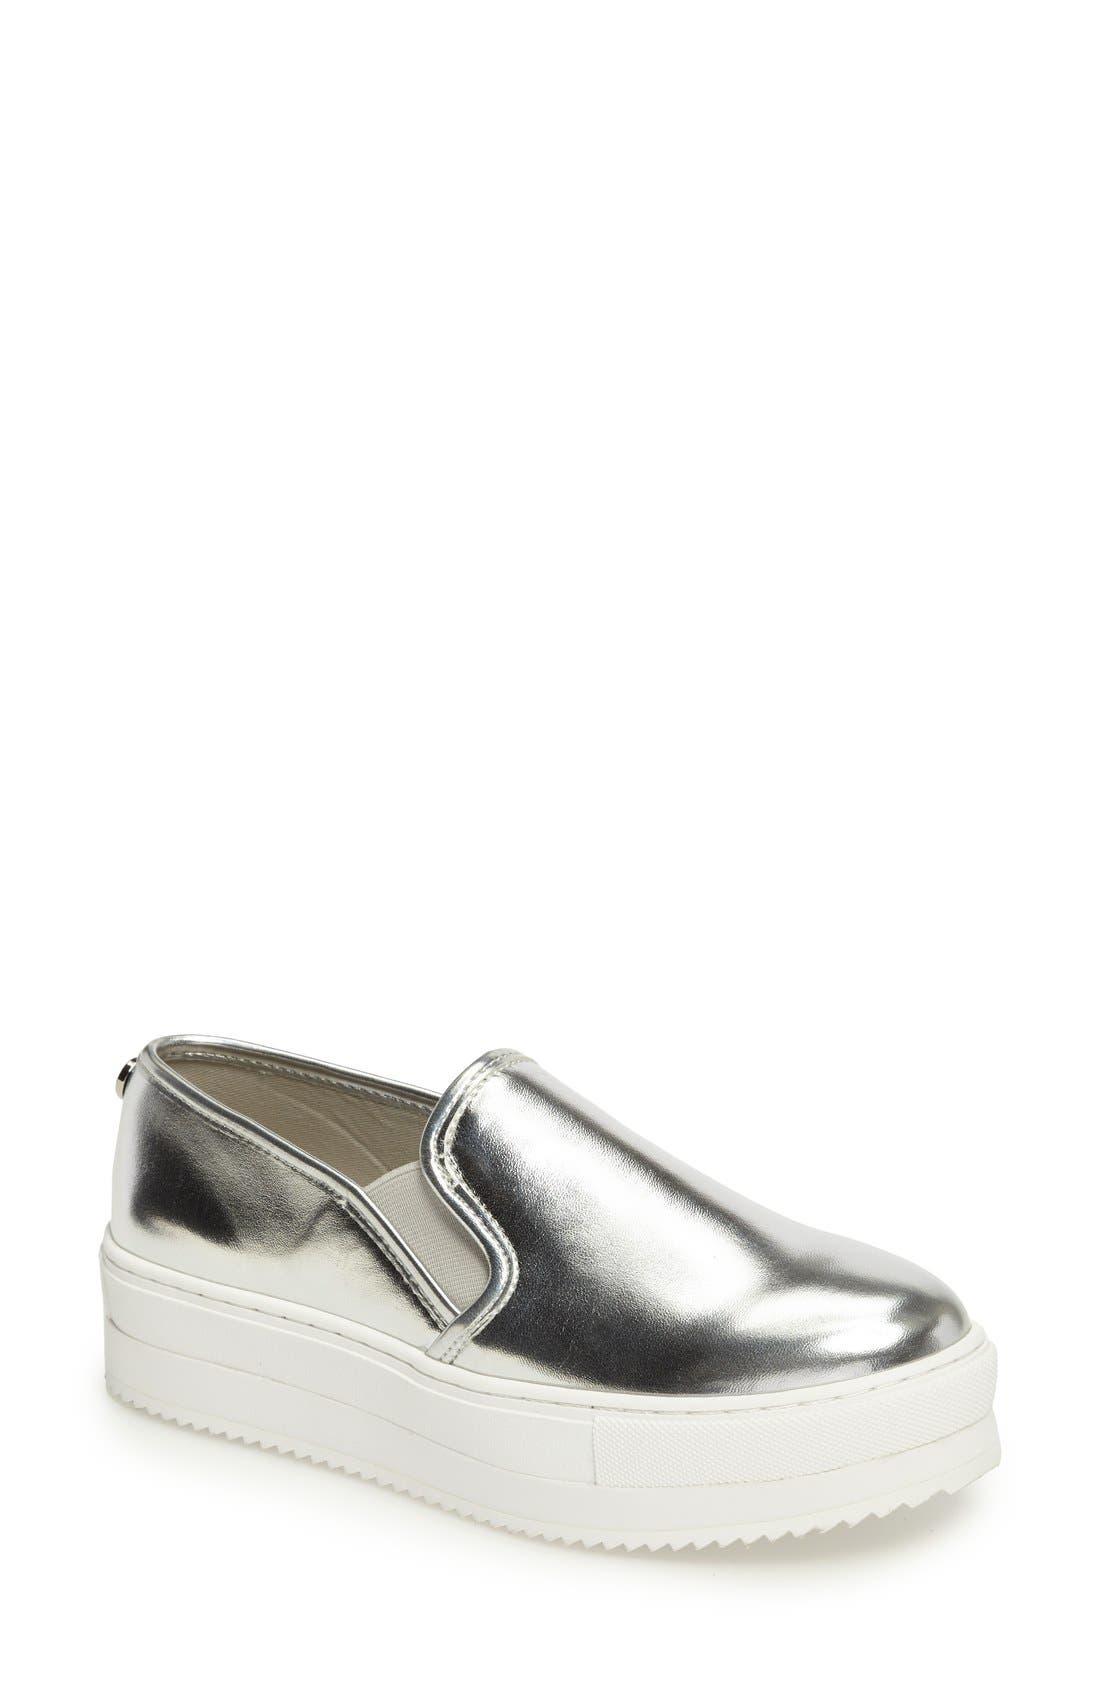 Alternate Image 1 Selected - Steve Madden Slick Platform Sneaker (Women)